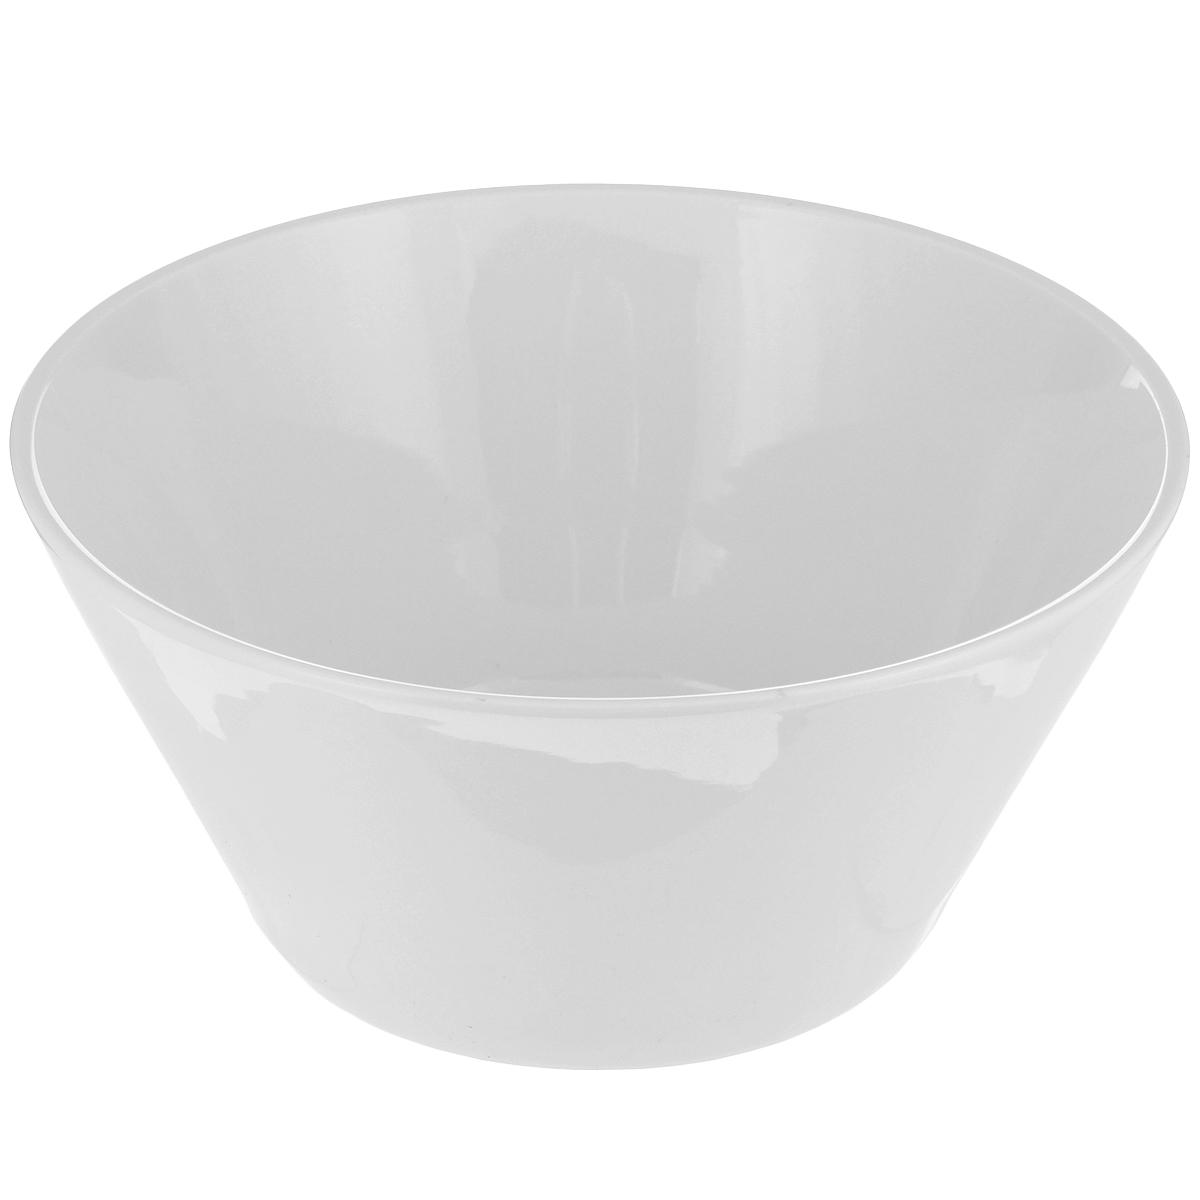 Миска Tescoma Gustito, диаметр 24 см386088Миска Tescoma Gustito выполнена из высококачественного фарфора однотонного цвета и прекрасно подойдет для вашей кухни. Такая тарелка изысканно украсит сервировку как обеденного, так и праздничного стола. Предназначена для подачи салатов и других блюд. Пригодна для использования в микроволновой печи. Можно мыть в посудомоечной машине. Диаметр: 24 см. Высота стенок: 11 см.